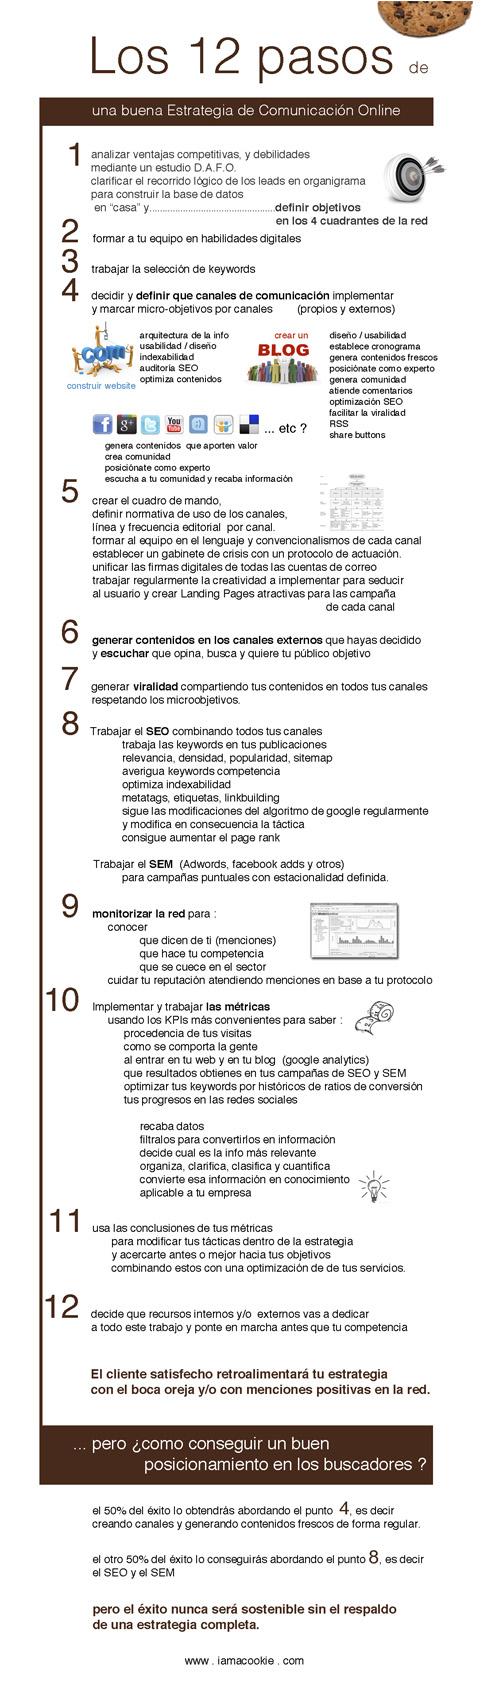 Pasos fundamentales para una buena estrategia de comunicación online